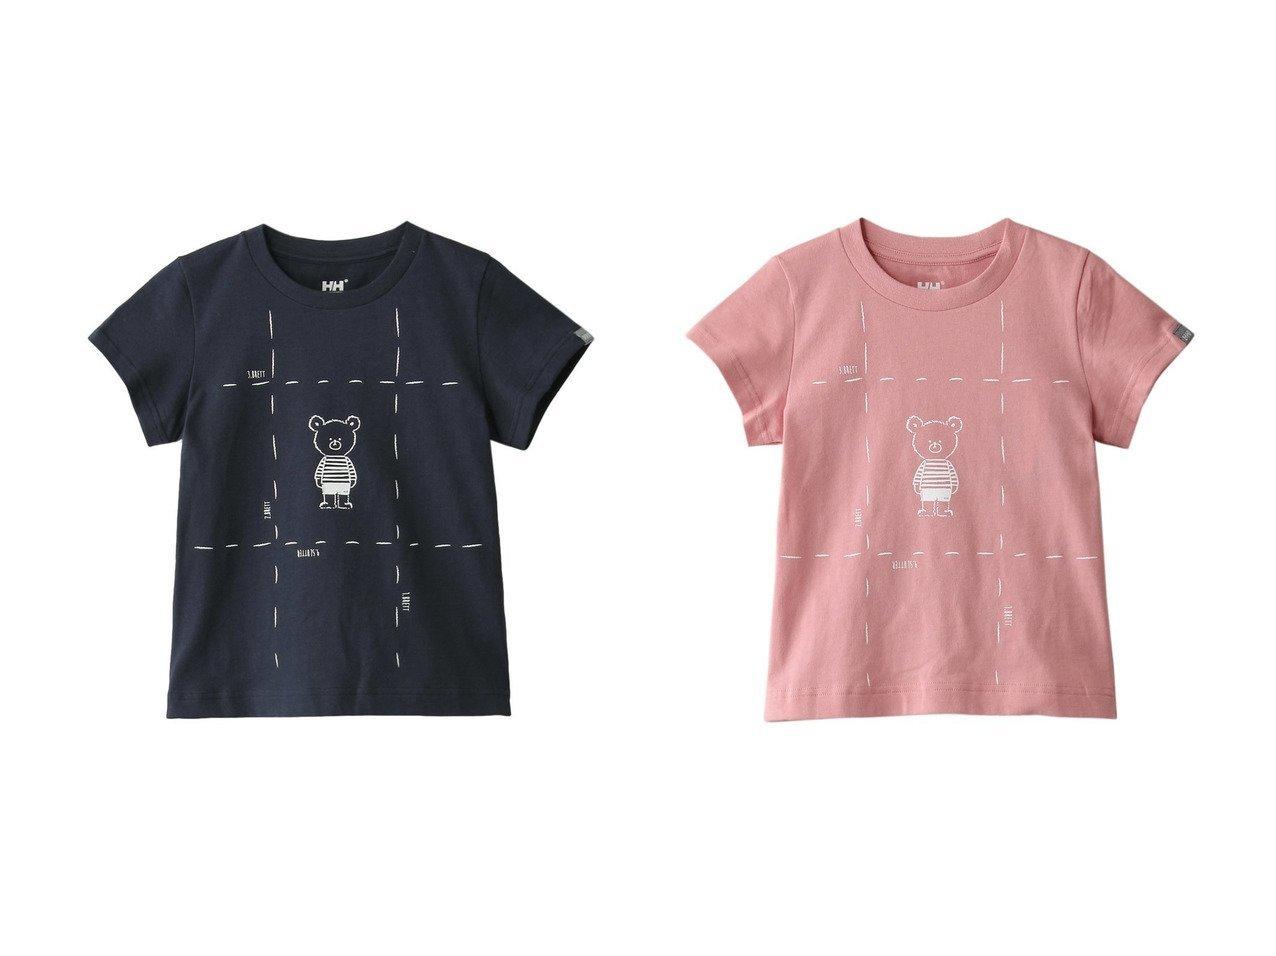 【HELLY HANSEN / KIDS/ヘリーハンセン】の【KIDS】折り畳み線つきヘリーベアティー 【KIDS】子供服のおすすめ!人気トレンド・キッズファッションの通販 おすすめで人気の流行・トレンド、ファッションの通販商品 インテリア・家具・メンズファッション・キッズファッション・レディースファッション・服の通販 founy(ファニー) https://founy.com/ ファッション Fashion キッズファッション KIDS トップス・カットソー Tops/Tees/Kids グラフィック フロント  ID:crp329100000044544